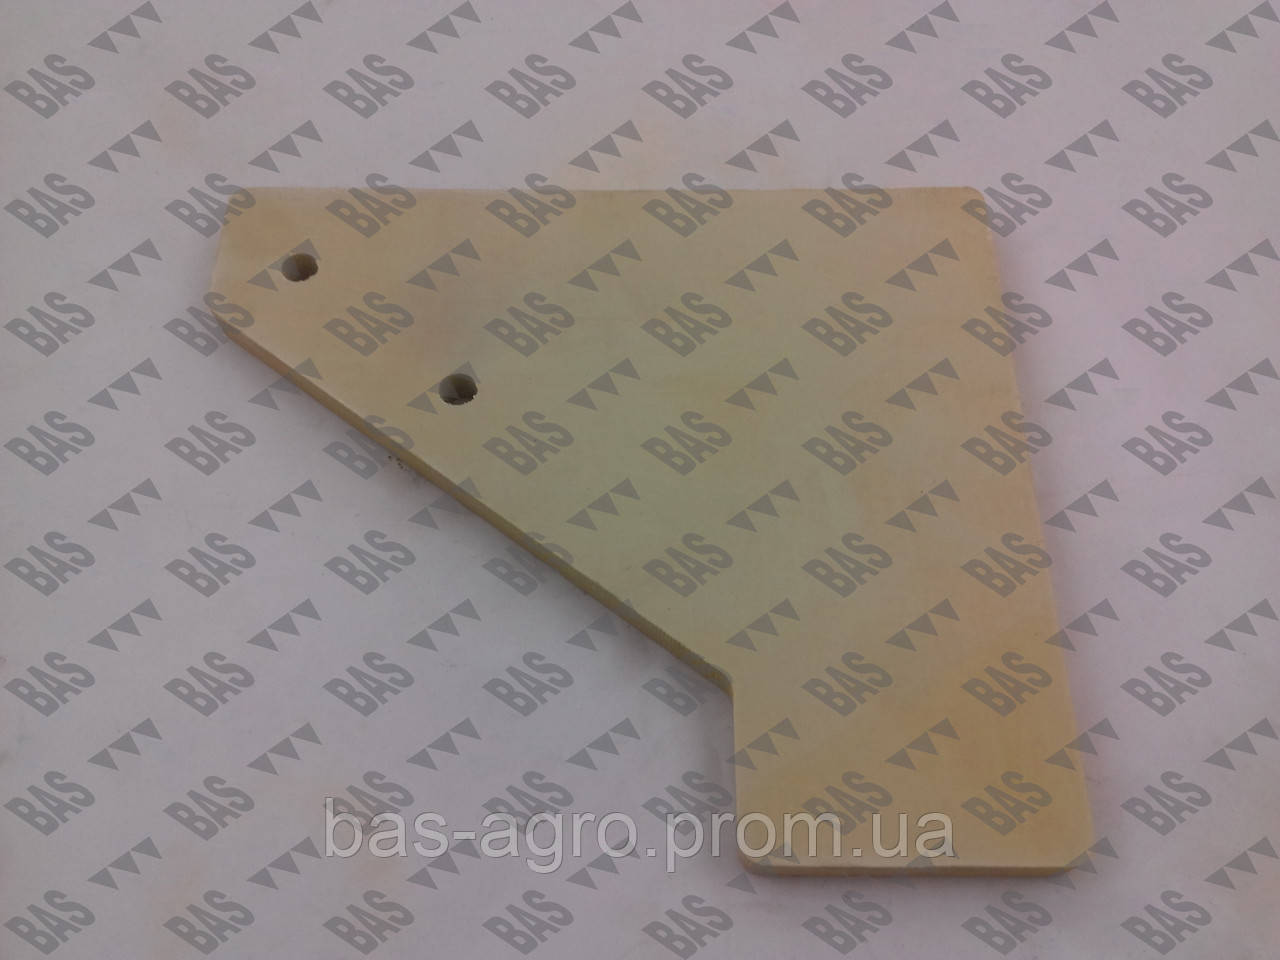 Щитки резиновые Fantini 19810 аналог